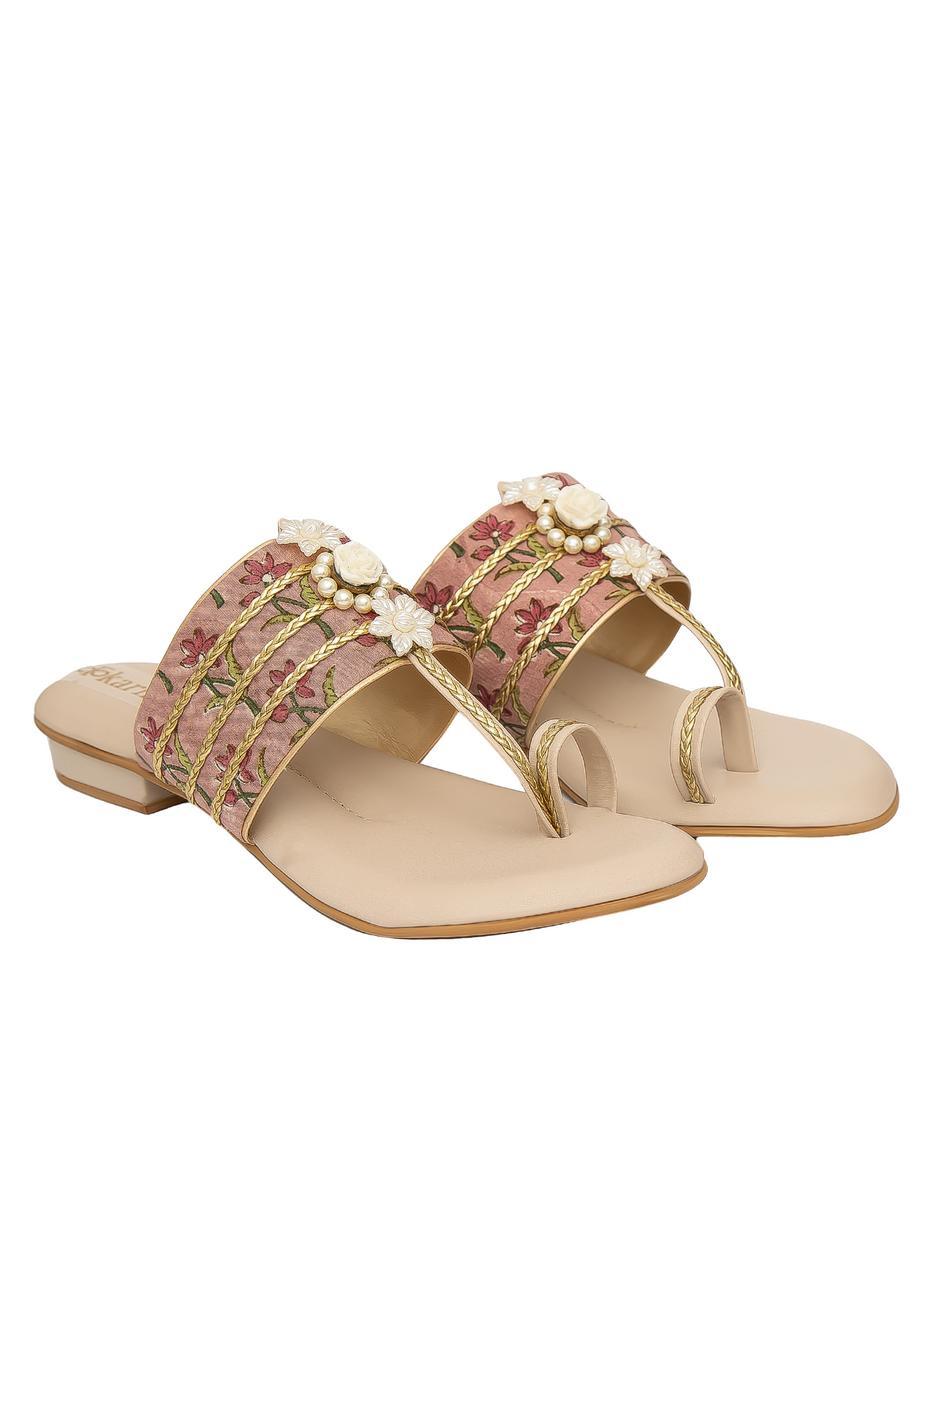 Ziba Ikat Kolhapuri Sandals